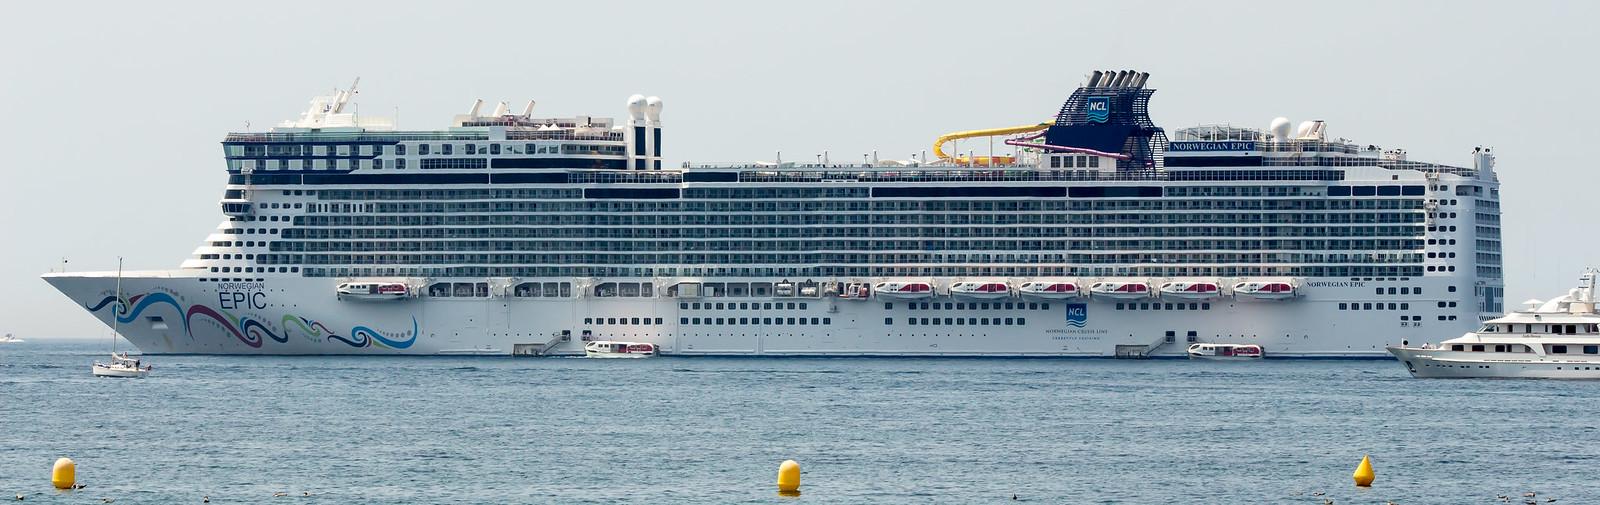 2. Город любят посещать круизные лайнеры, не смотря на то, что порта для приема таких судов в Каннах нет. Они попросту встают на якорь неподалеку от берега и доставляют желающих на берег на катерах.